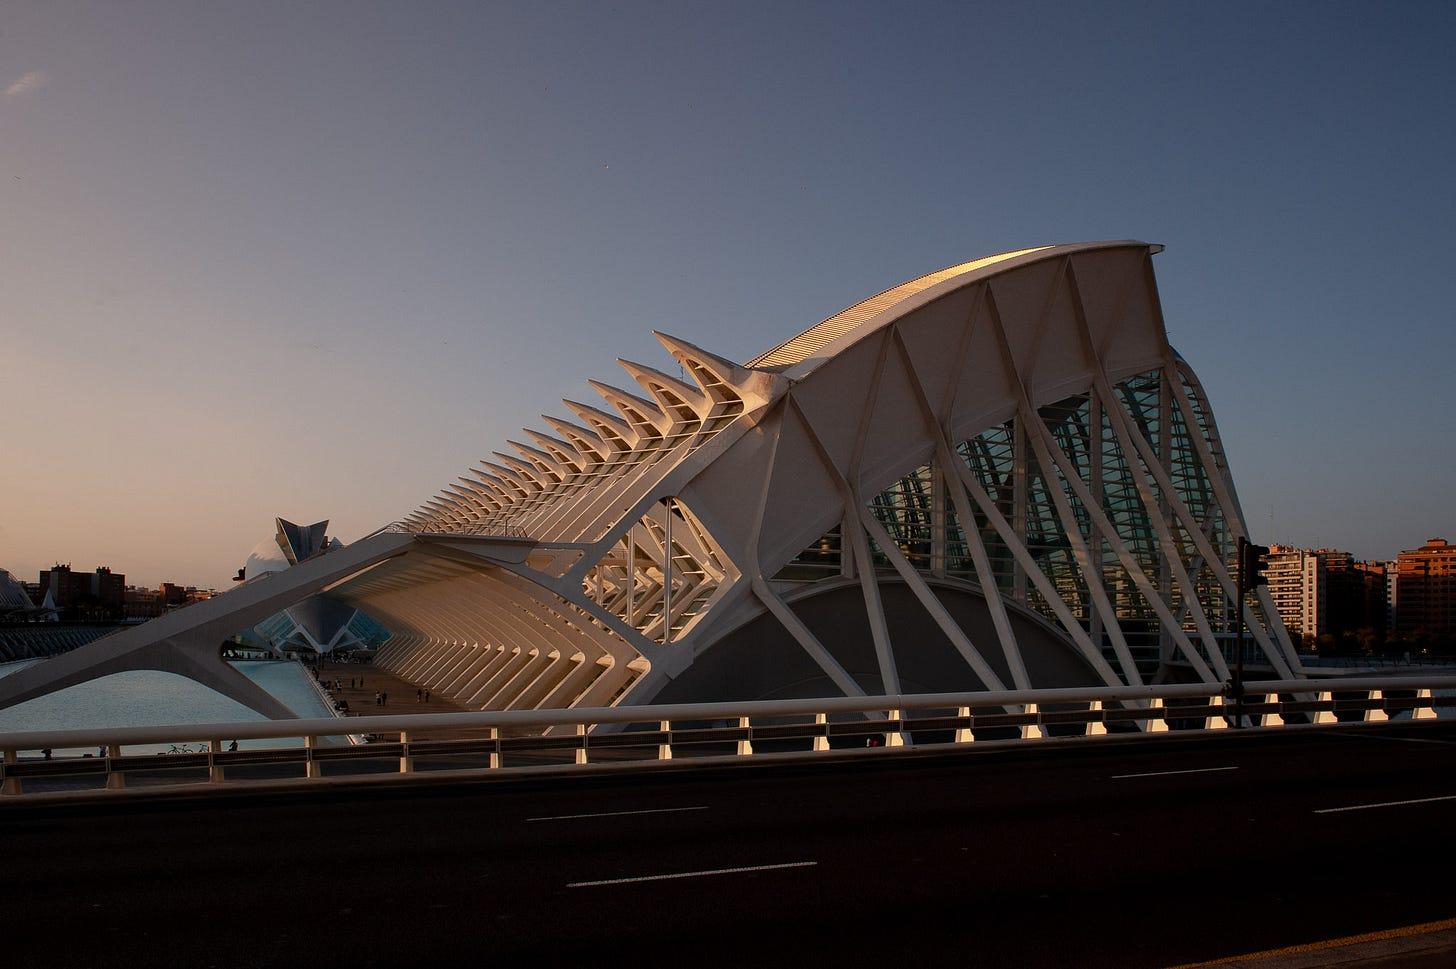 Ciudad de las Artes y las Ciencias - Valencia-DSC_2478-pete-carr-pete-carr.jpg